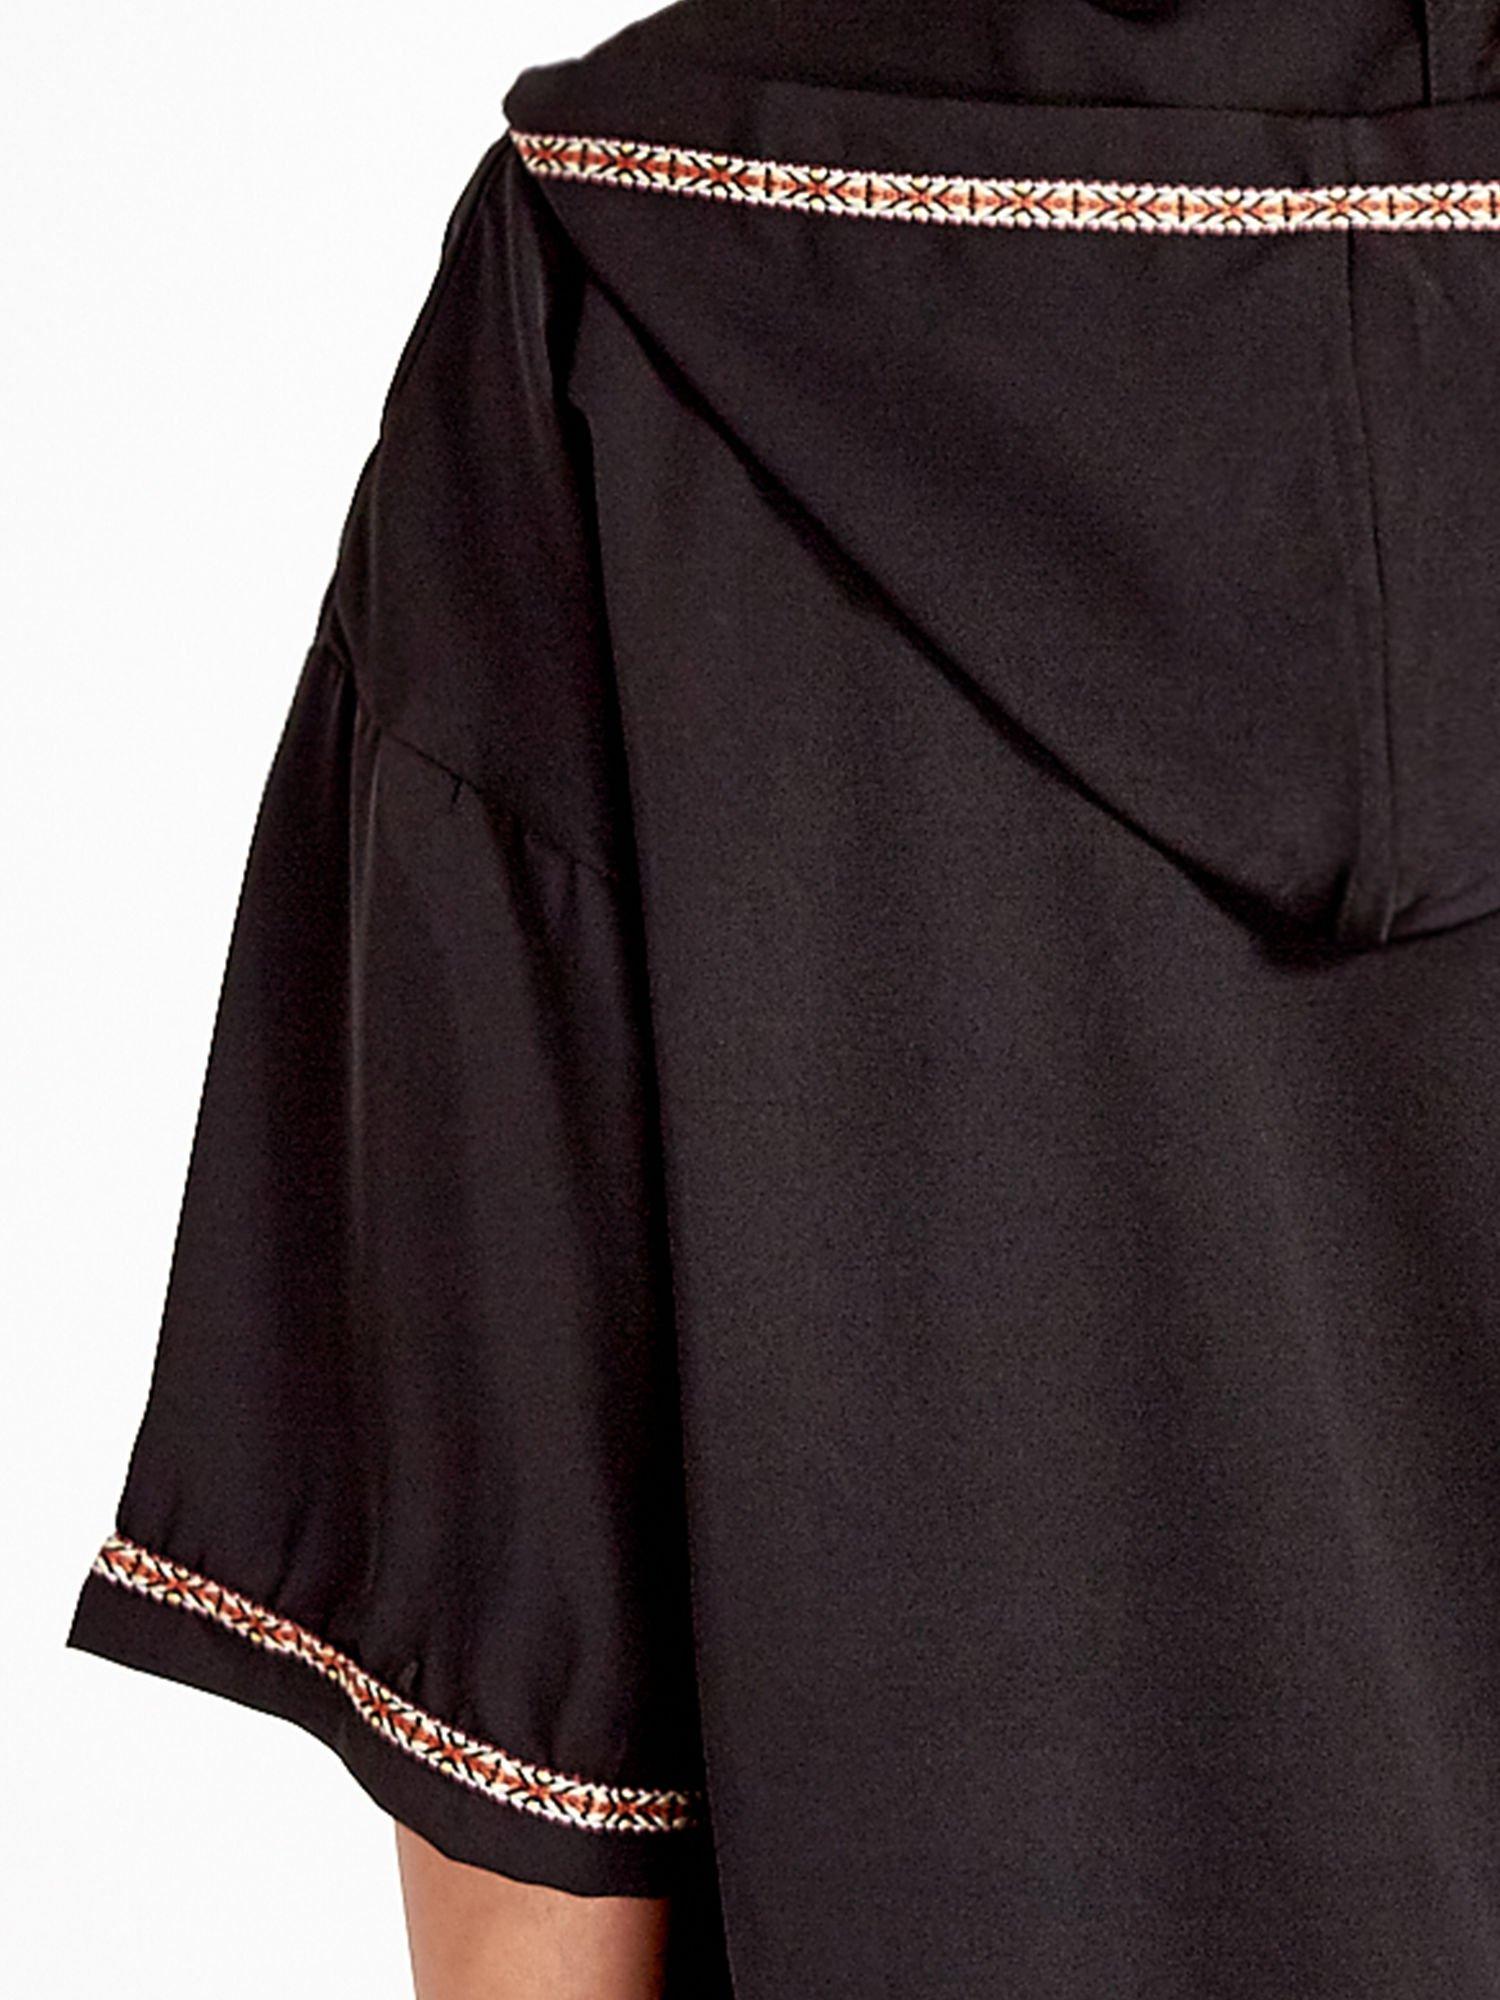 Czarna bluza z kapturem w stylu boho                                  zdj.                                  7